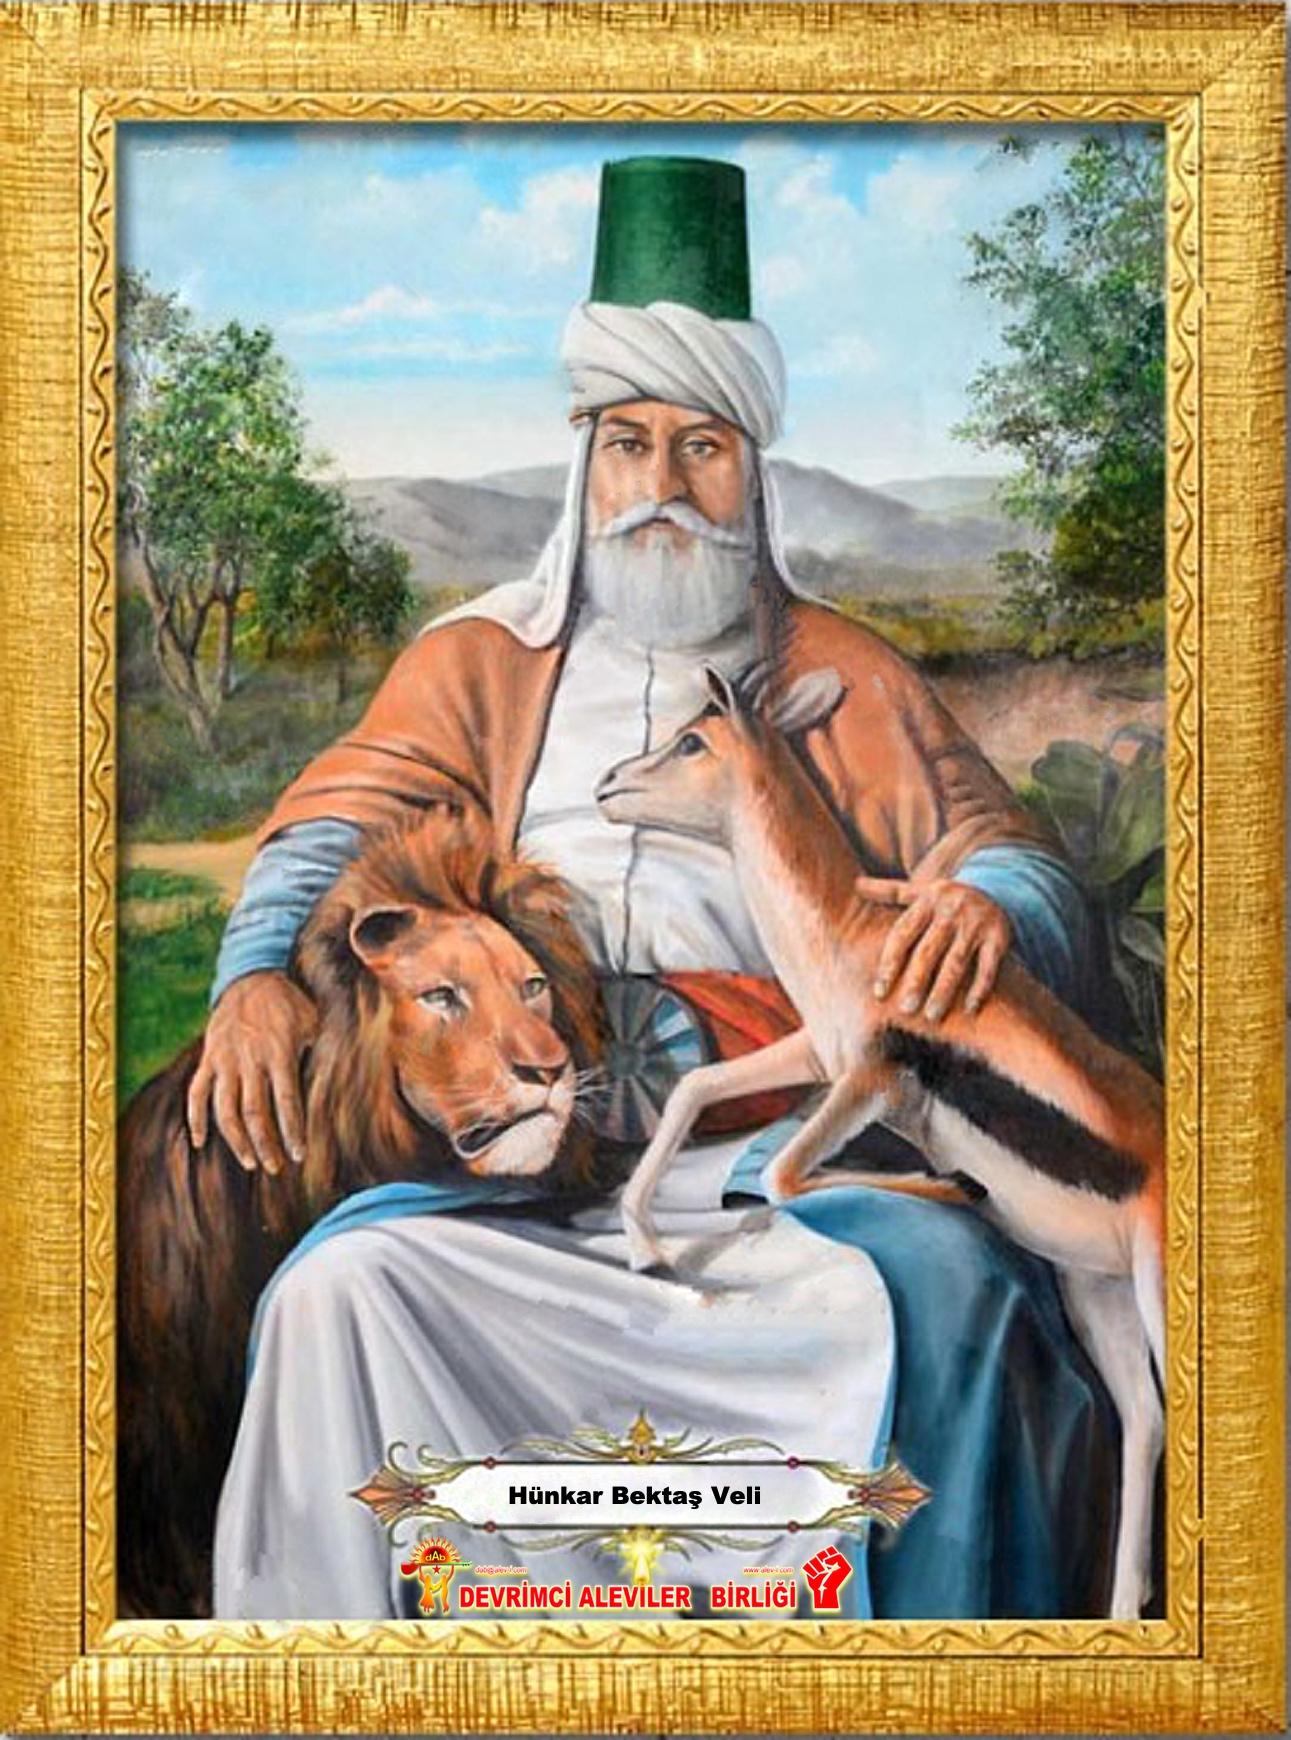 hbv Devrimci Alevi Kızılbas pir sultan